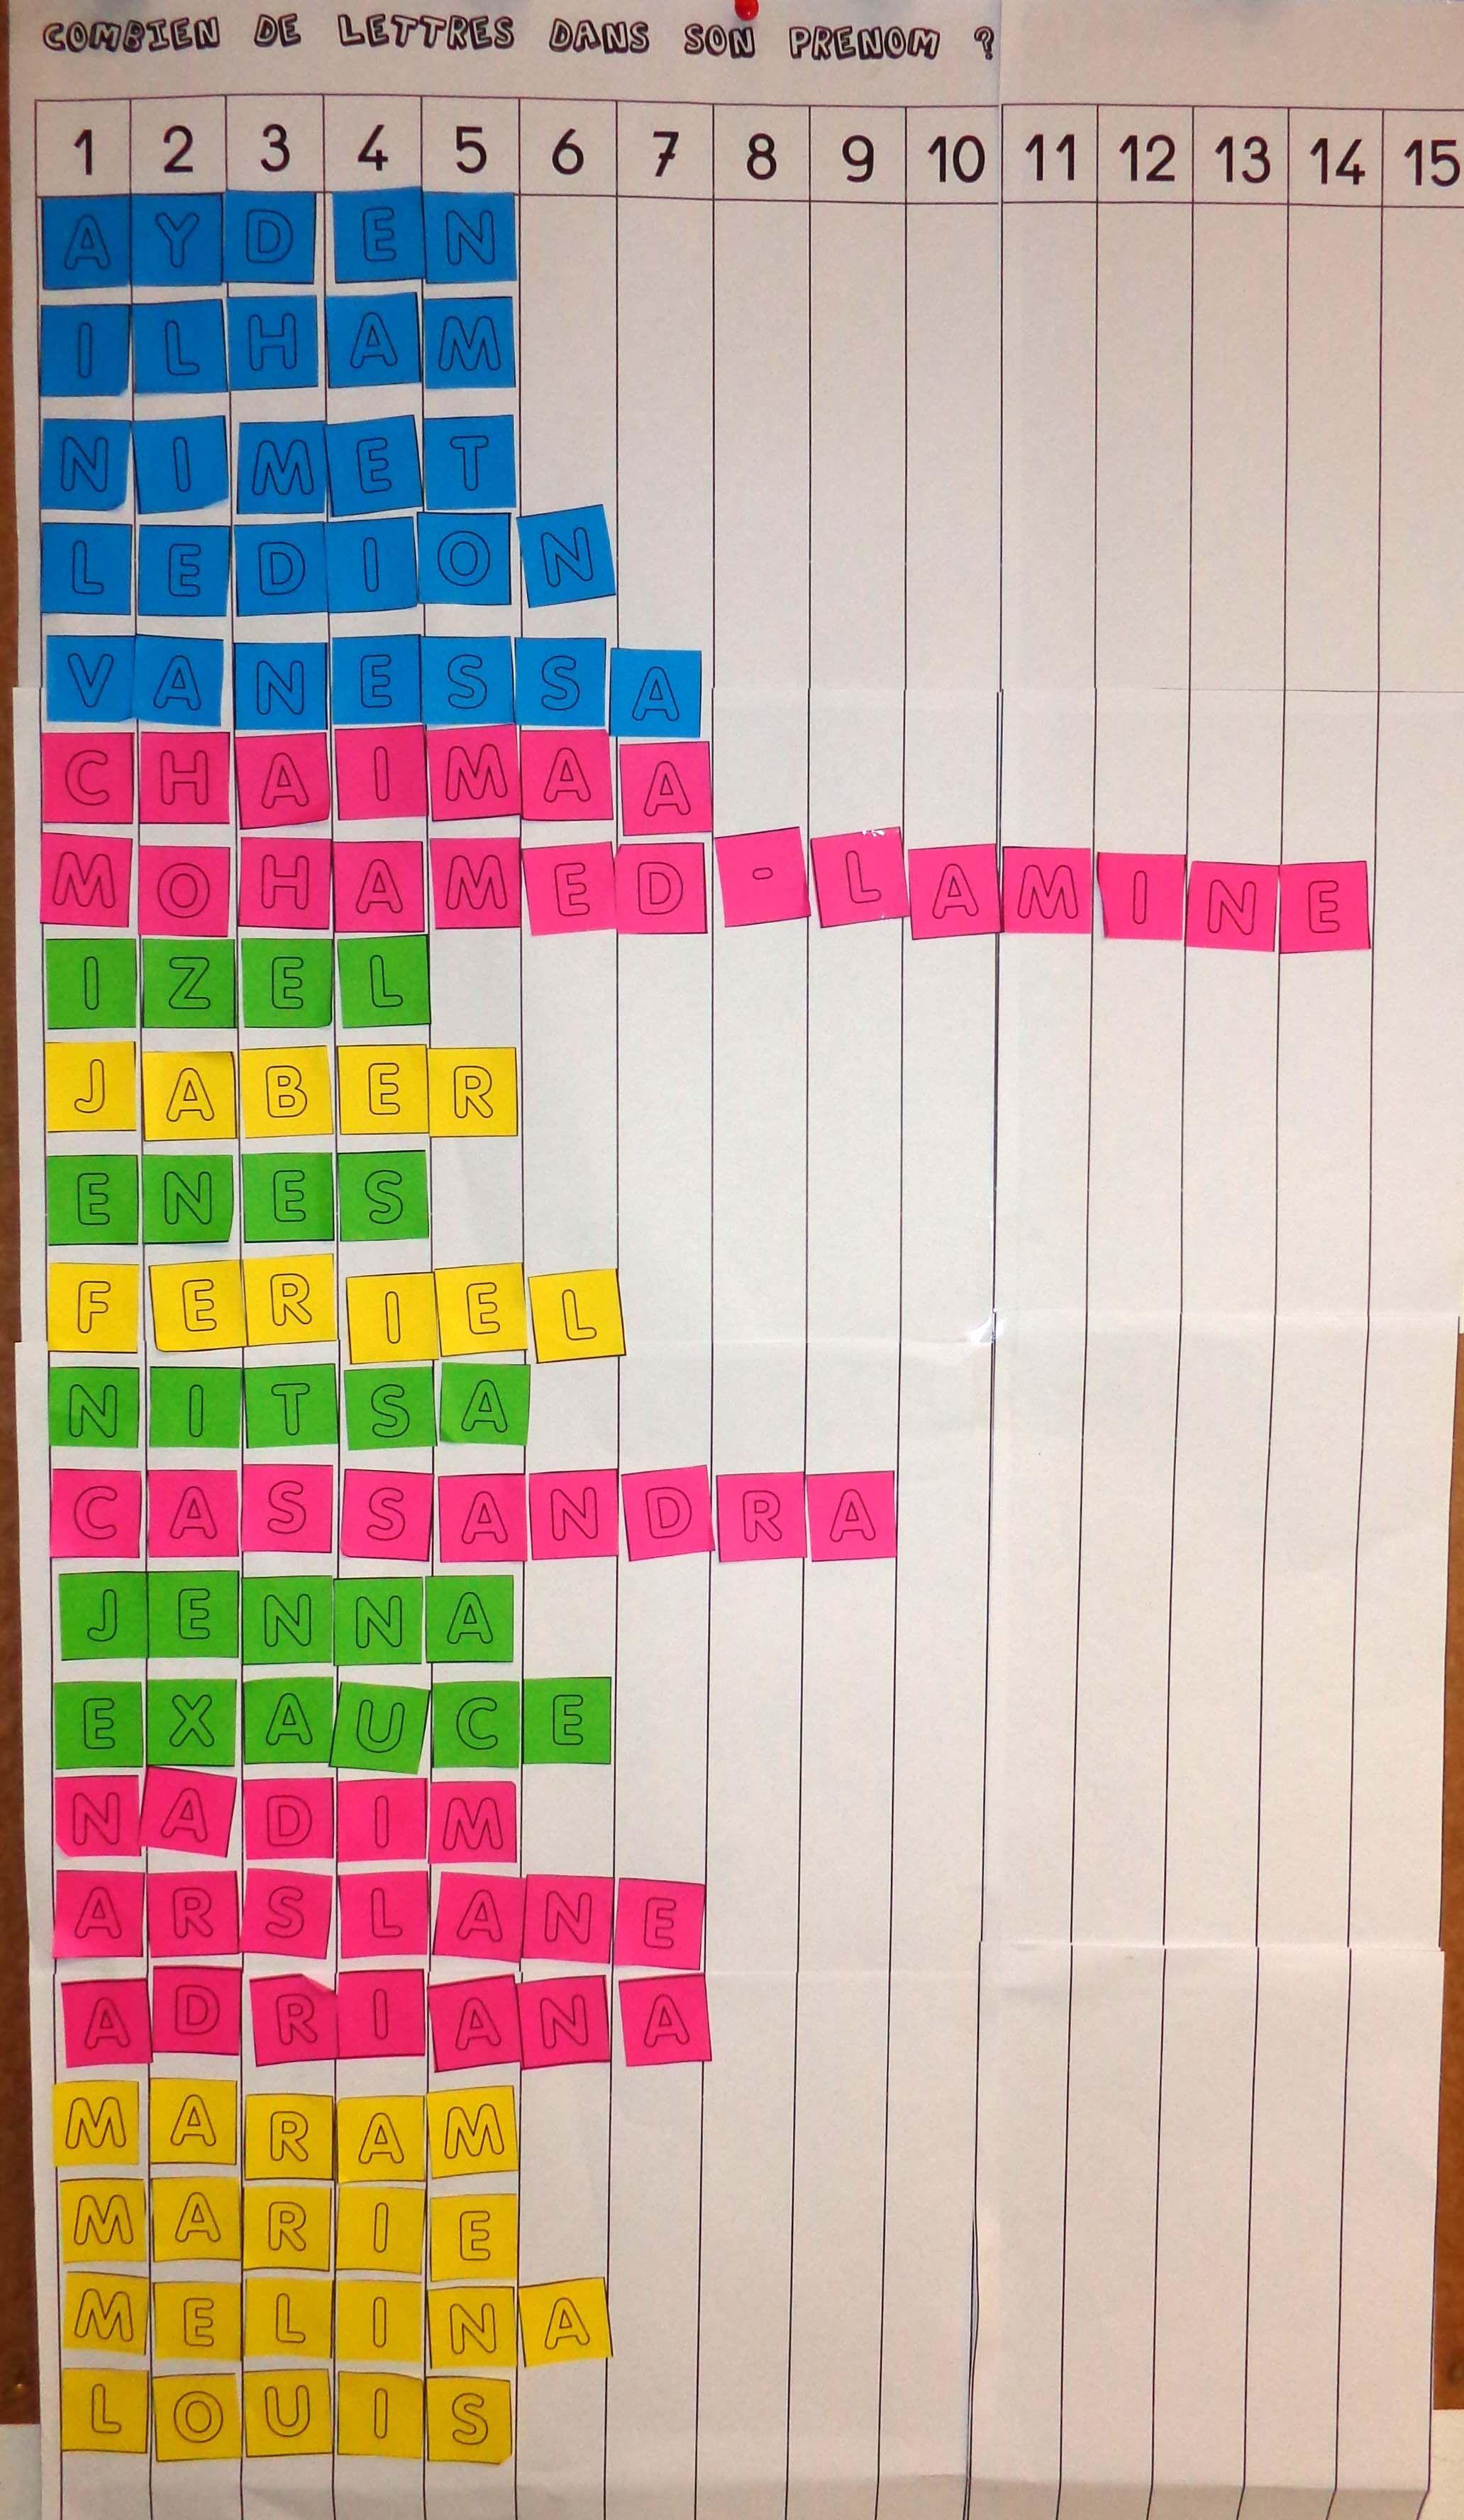 tableau compter lettres de son prénom | Autour des lettres | Pinterest | Math, School and Montessori